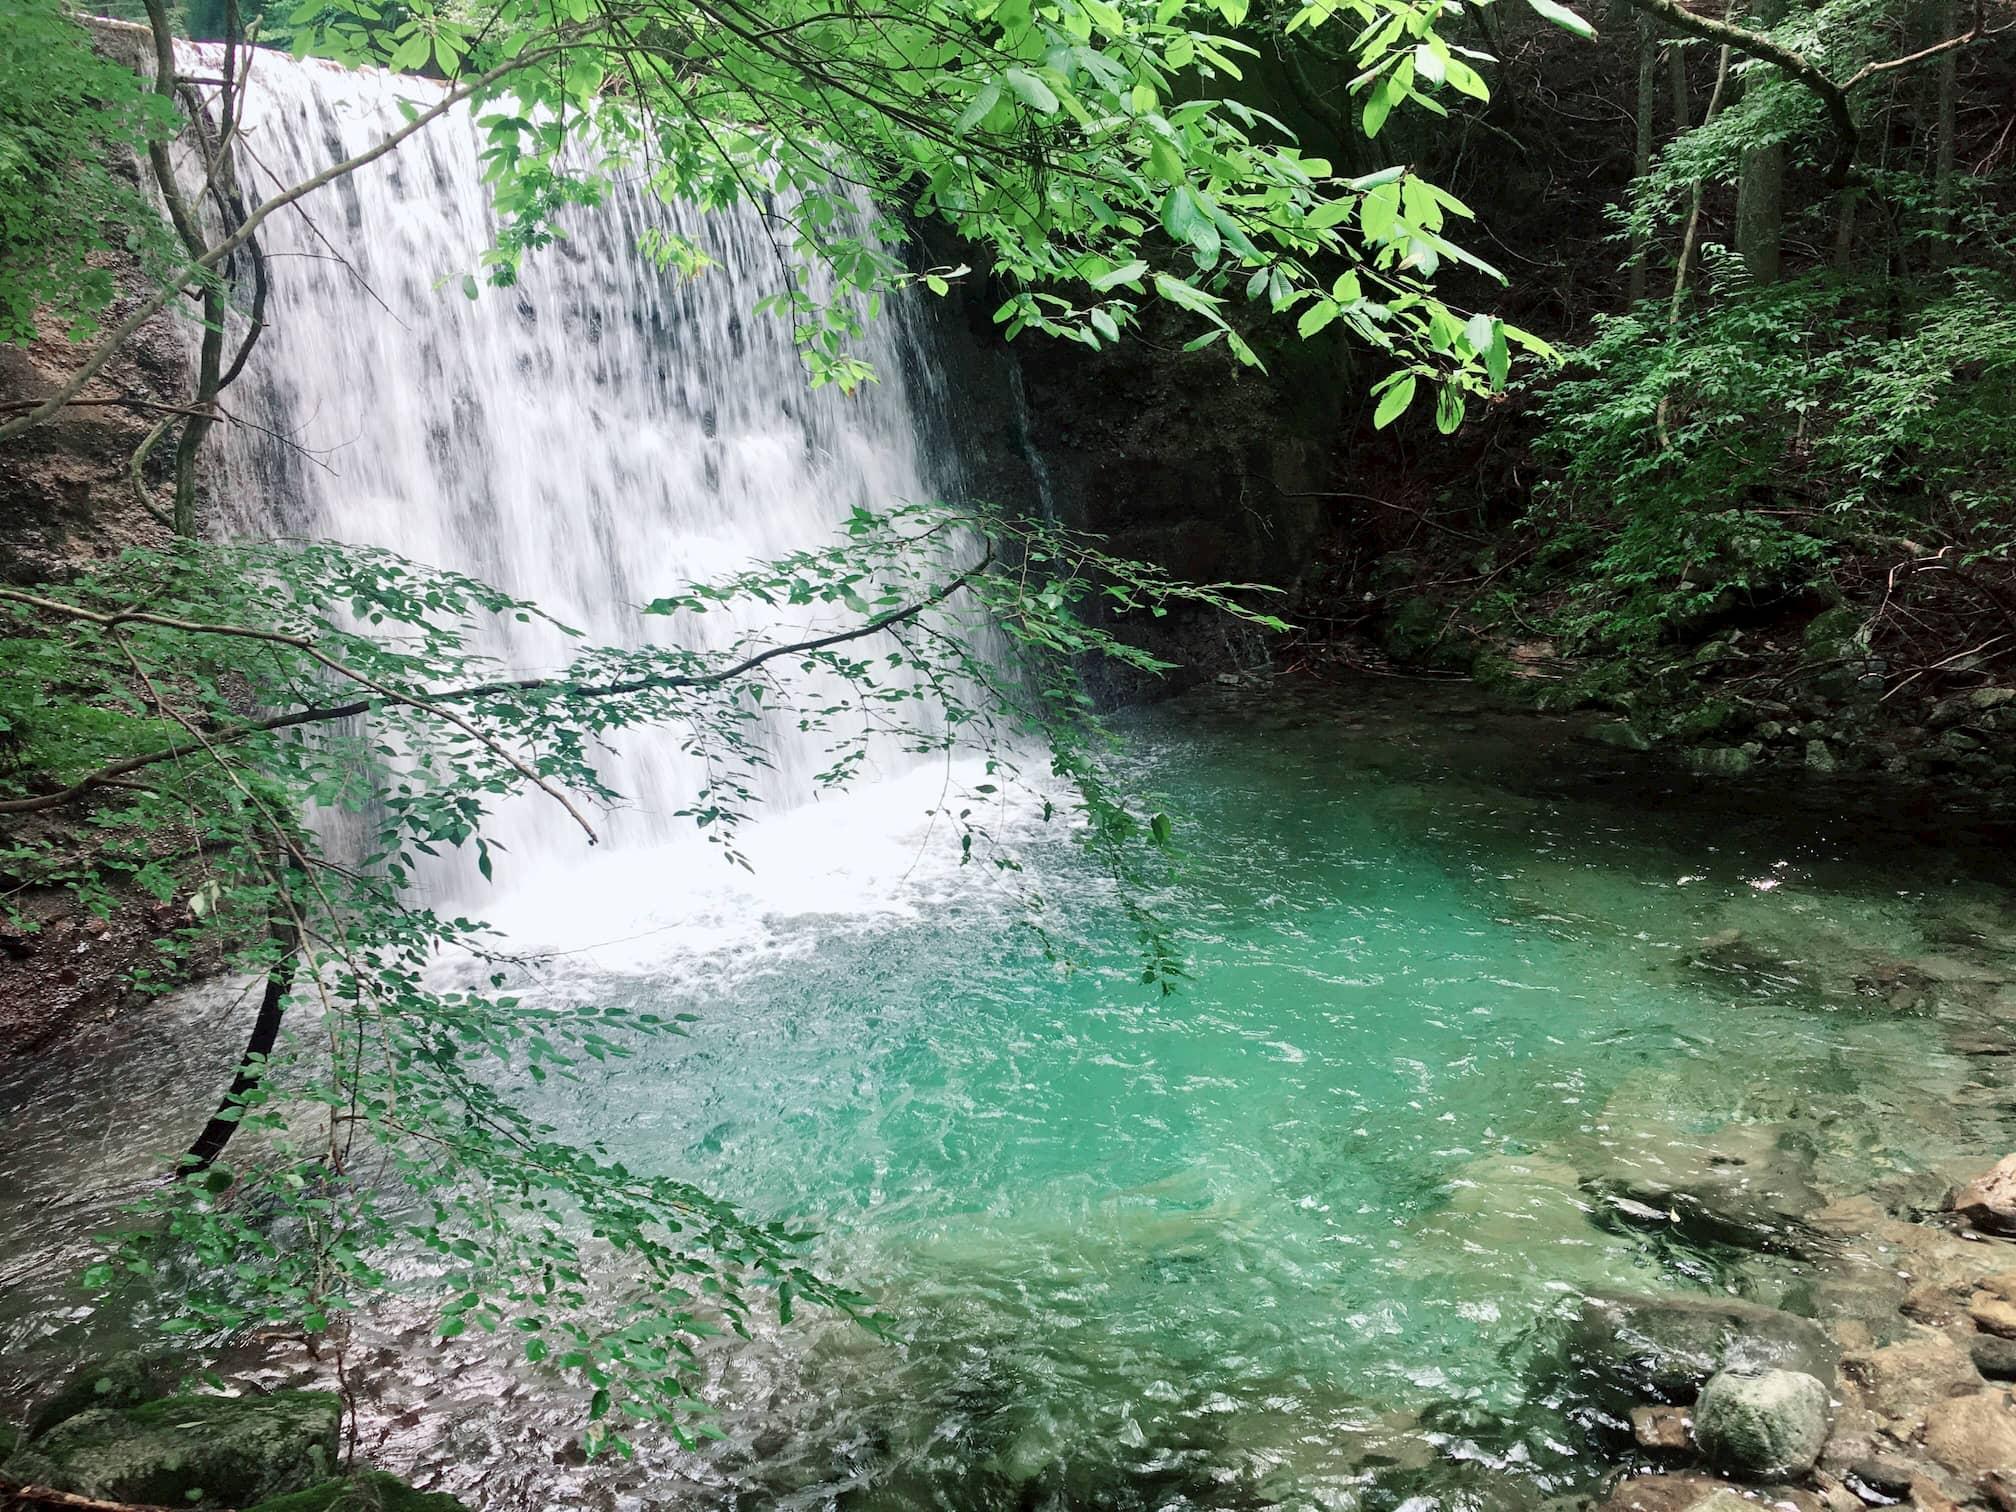 滝がキレイな写真